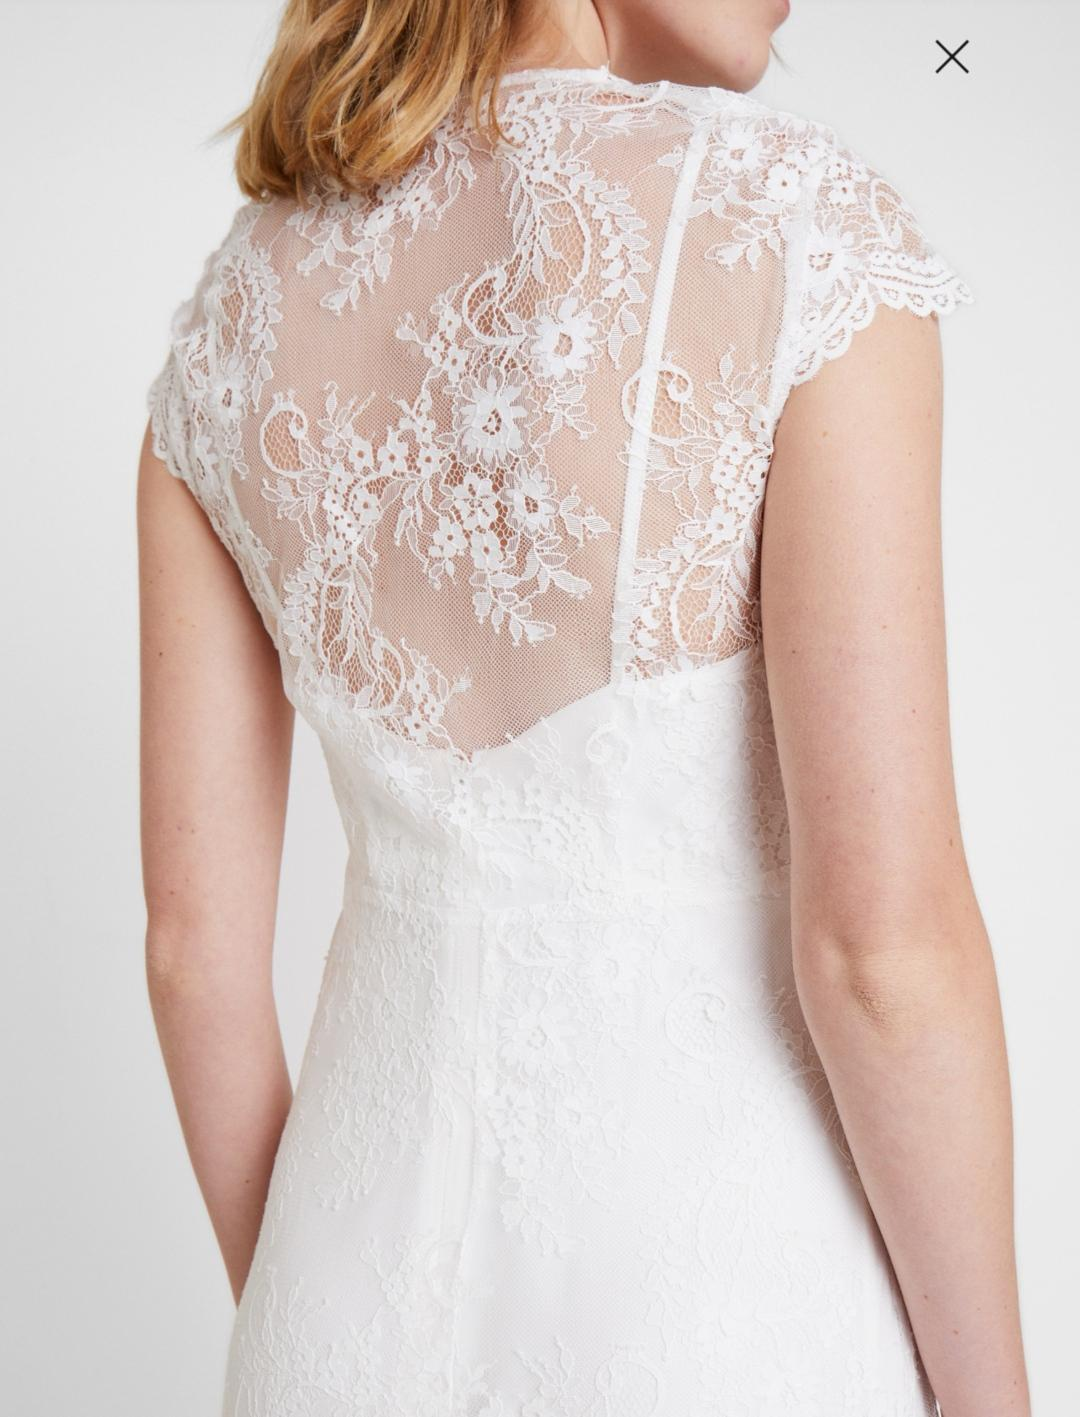 Nové svatební šaty s vysačkou vel. 42 - Obrázek č. 2